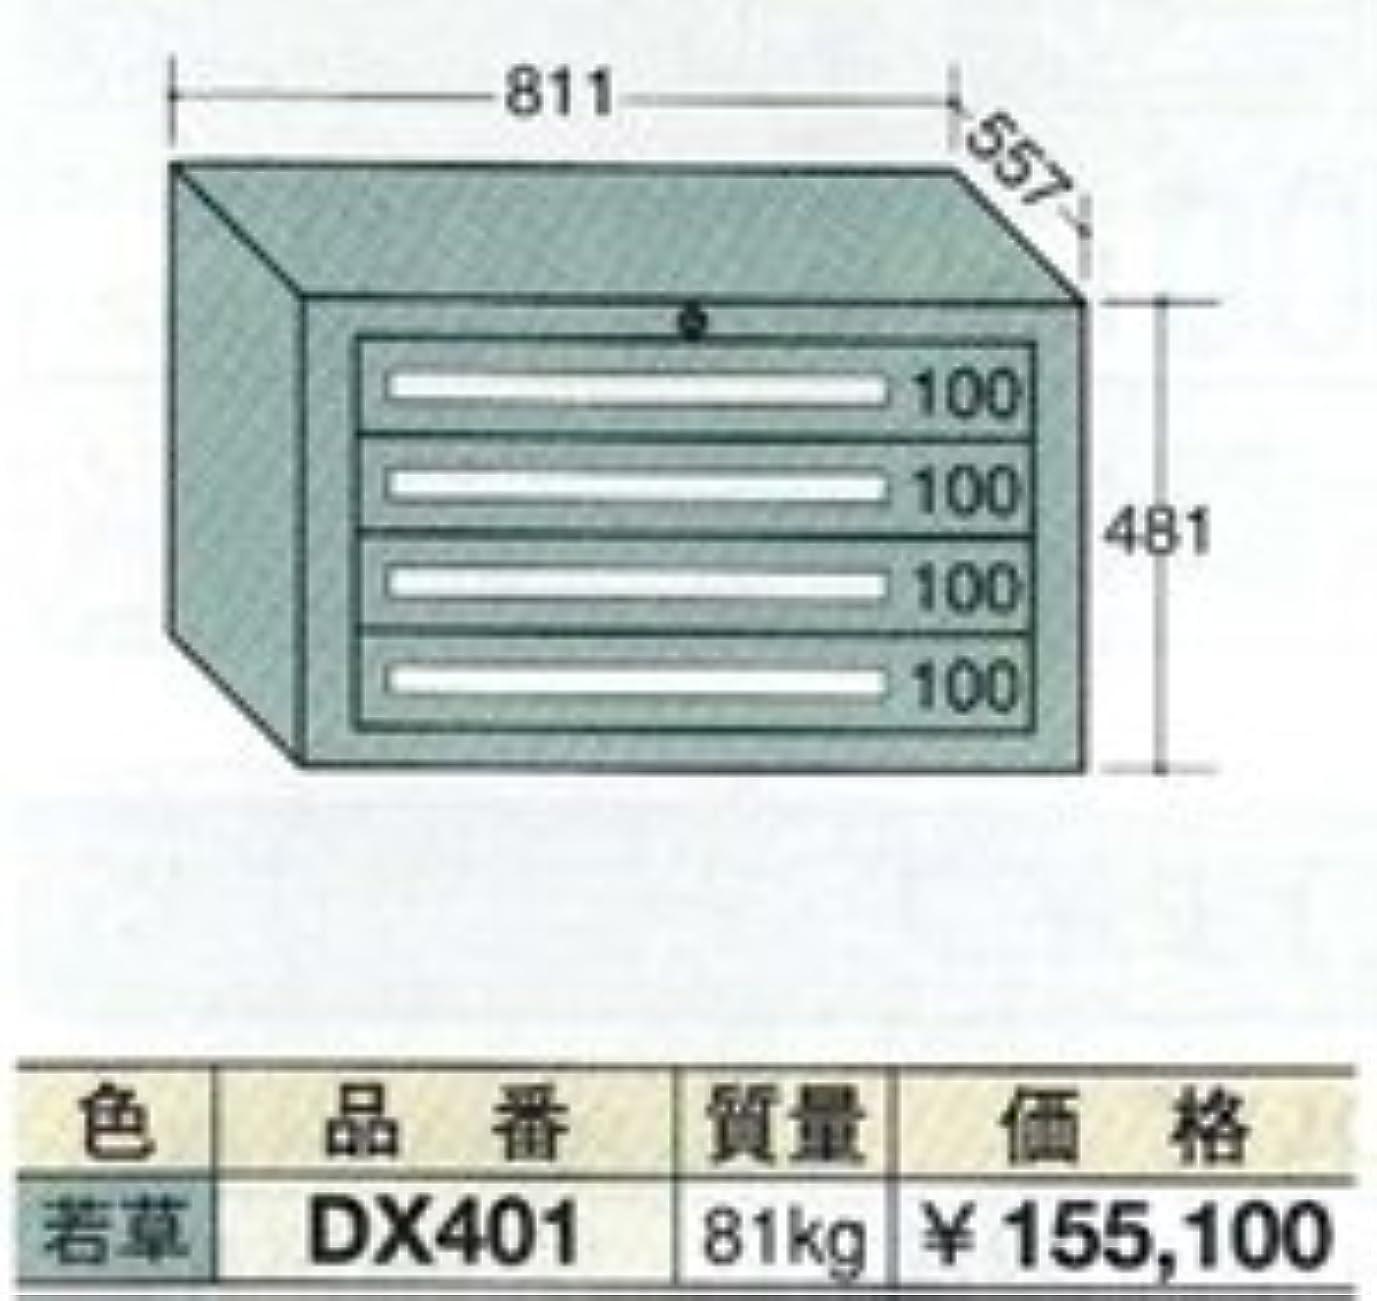 反論者クラッチ乱用OS(大阪製罐) デラックスキャビネット DX401